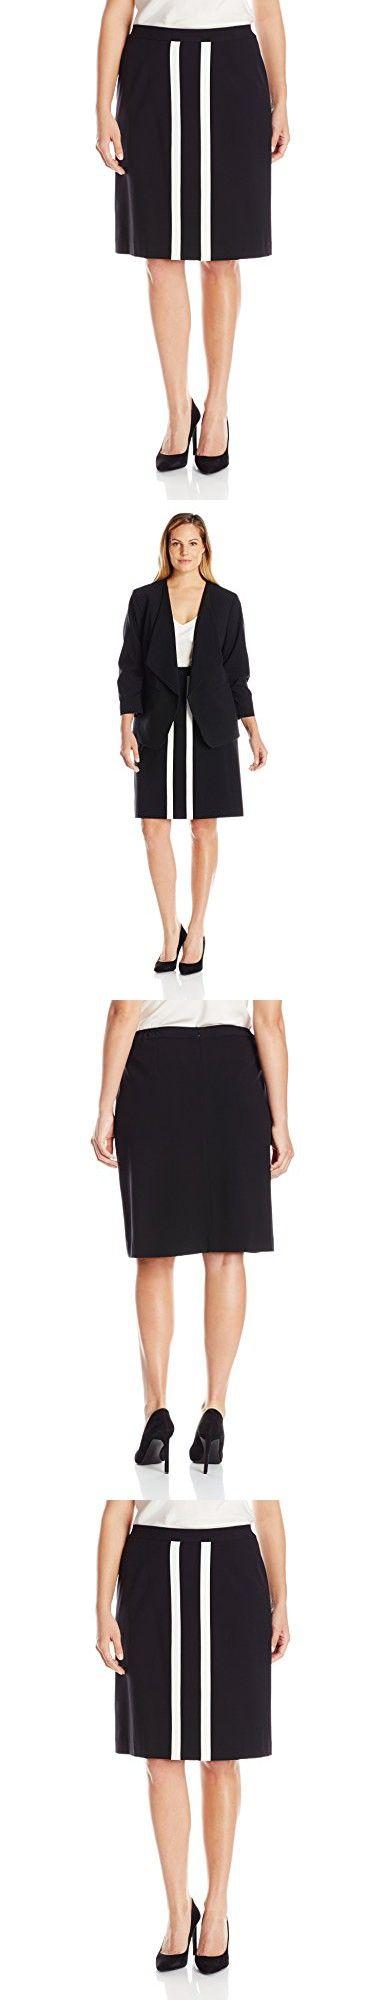 Nine West Women's Plus Size Stretch Twill Contrast-Detail Skirt, Black/Lily, 18W